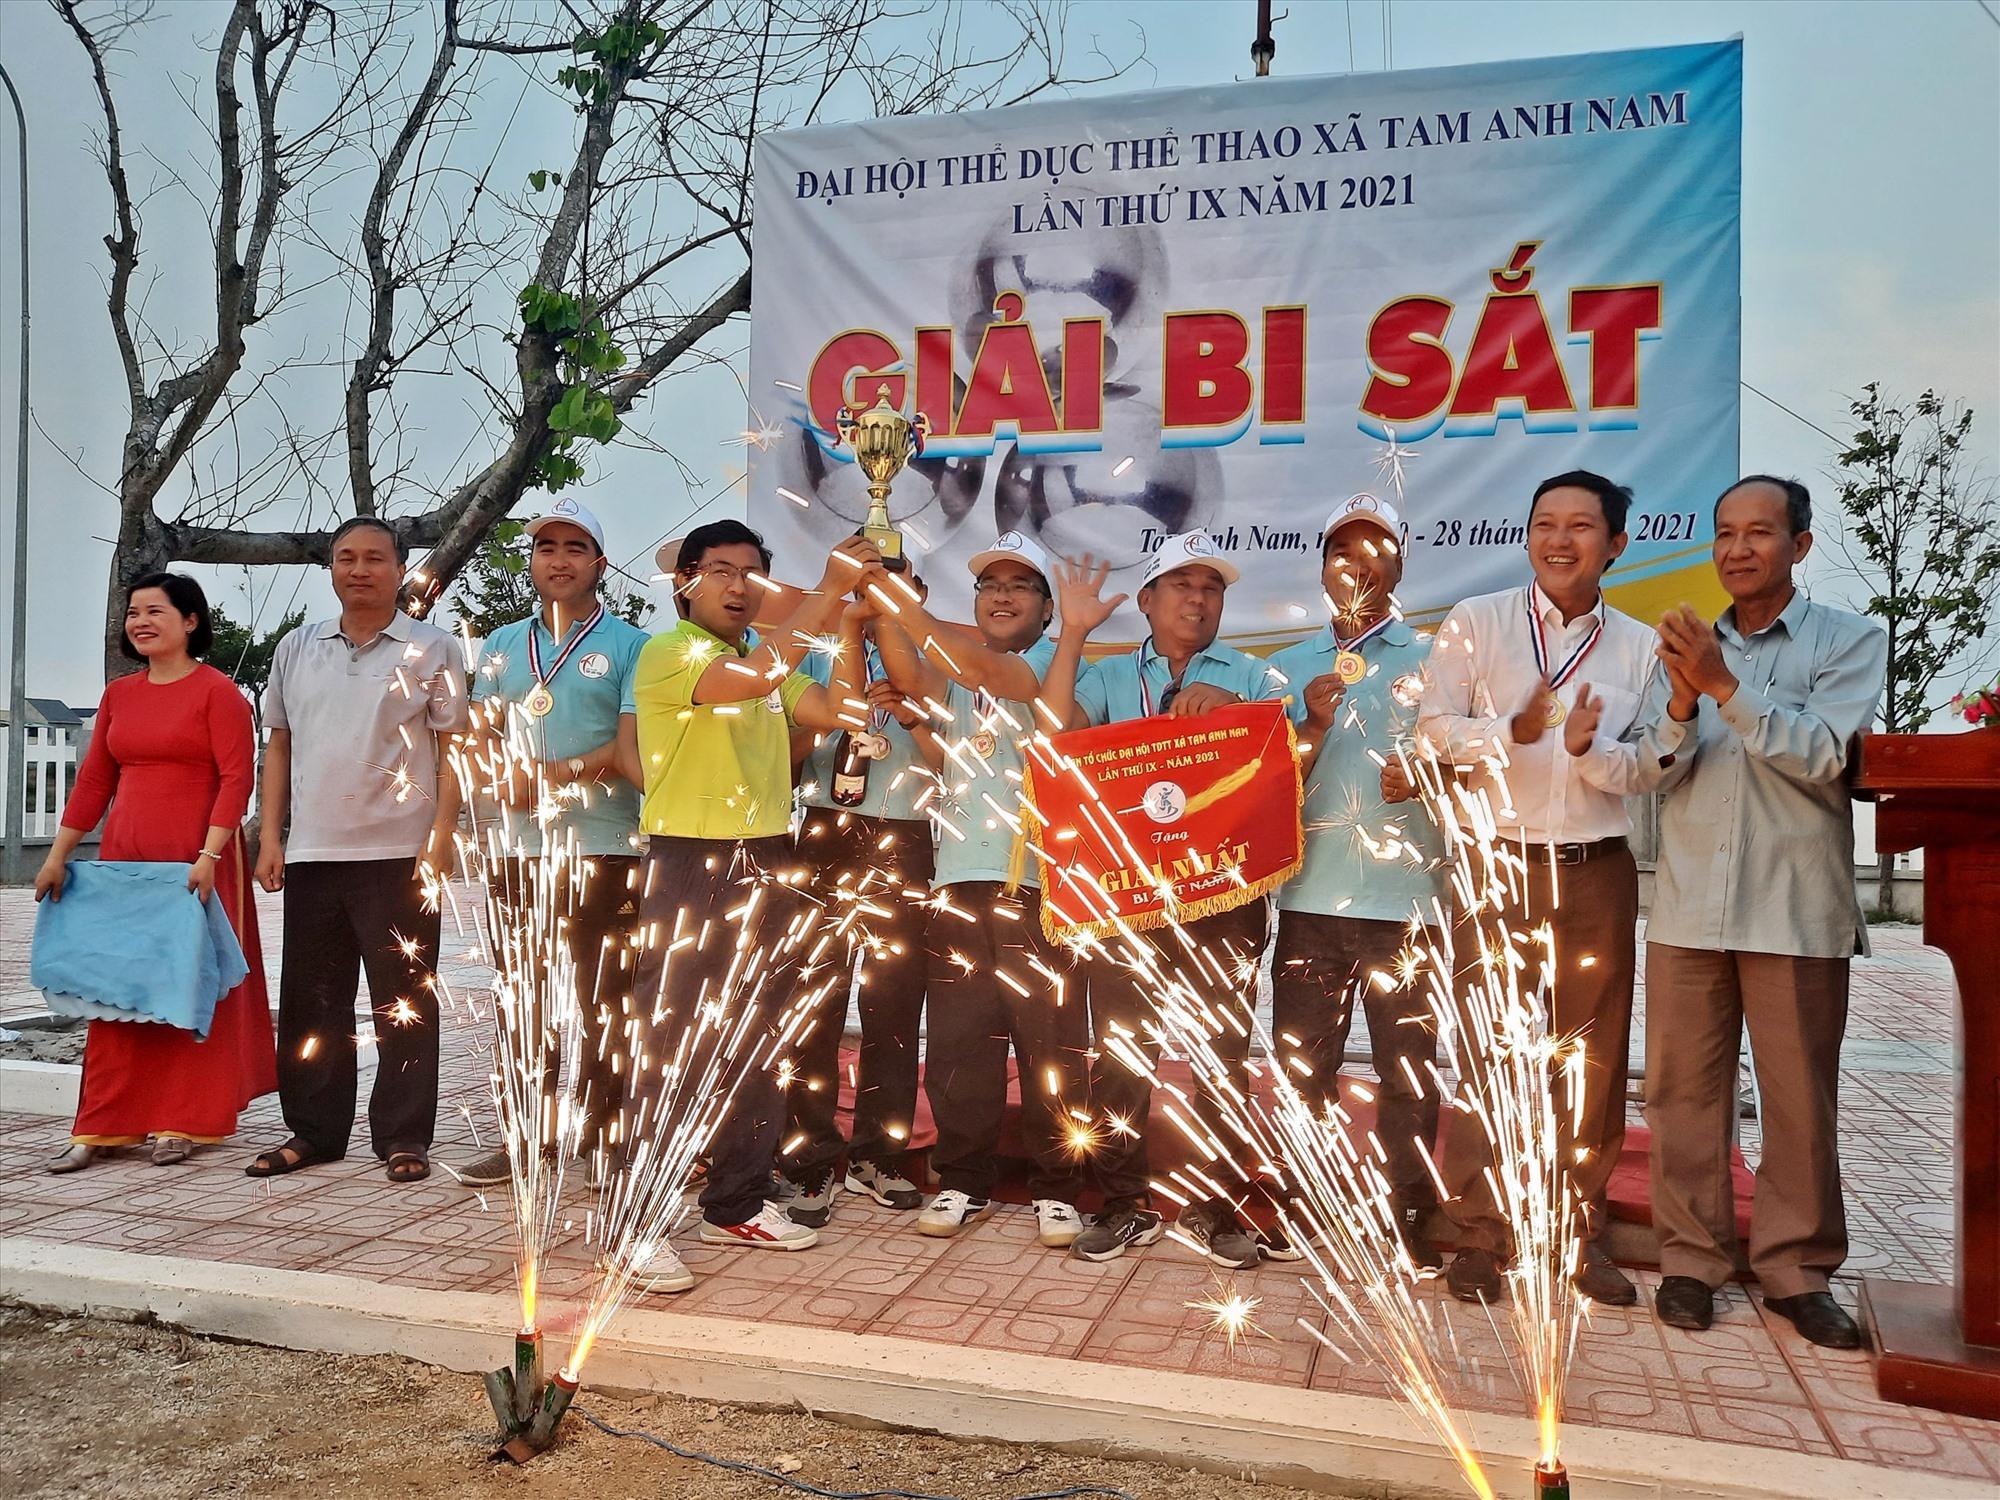 Giải đấu lần này, UBND xã Tam Anh Nam còn mời một số địa phương khác đến tham gia, chia sẻ kinh nghiệm và hướng dẫn kỹ thuật chơi, điều lệ thi đấu để phát triển bộ môn thể thao này trên địa bàn huyện.